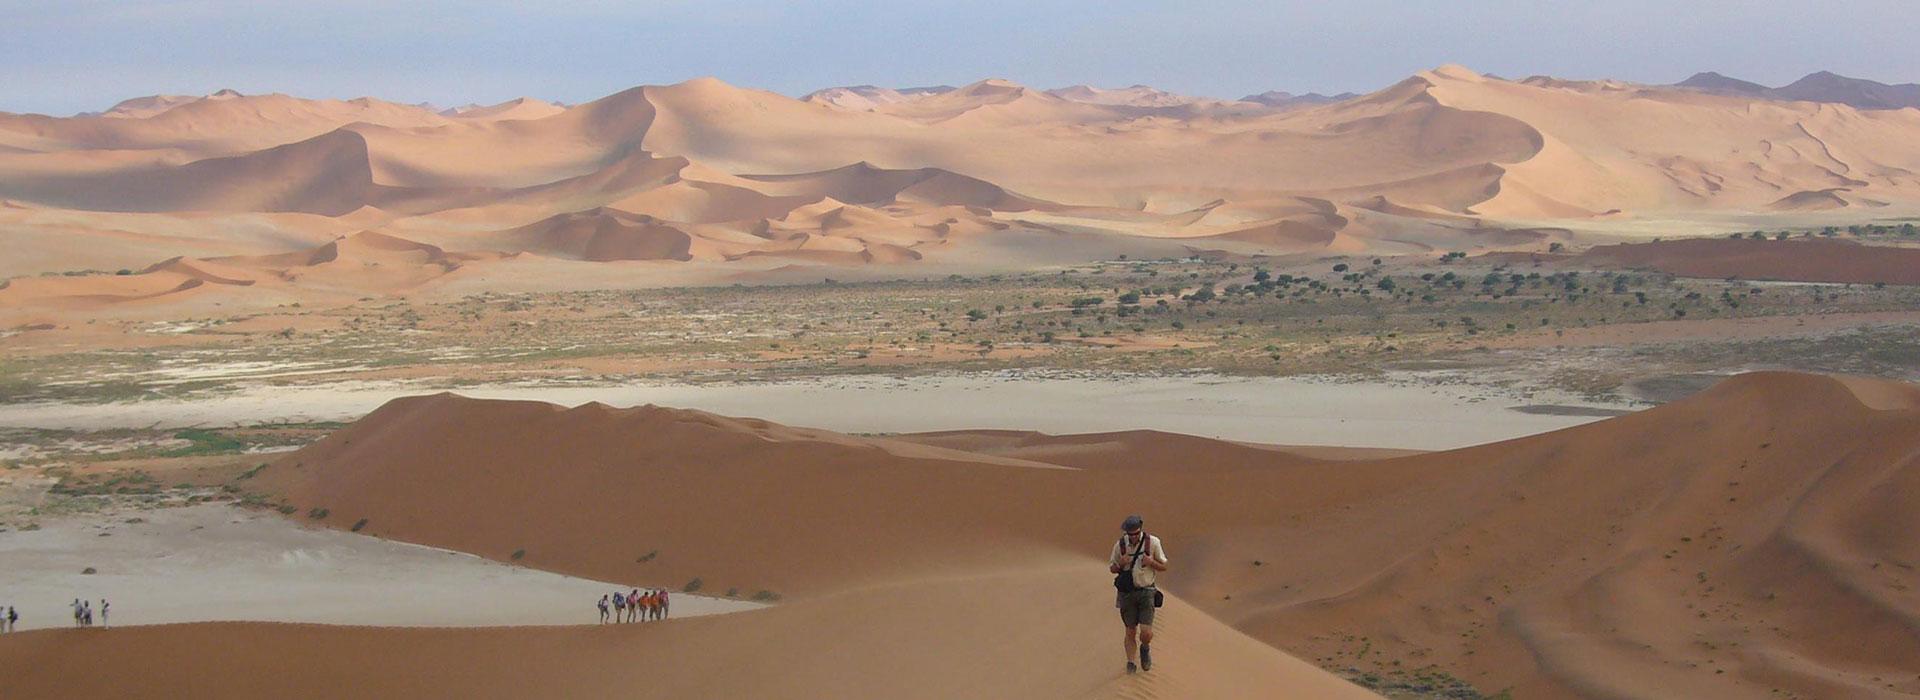 Namibia-51